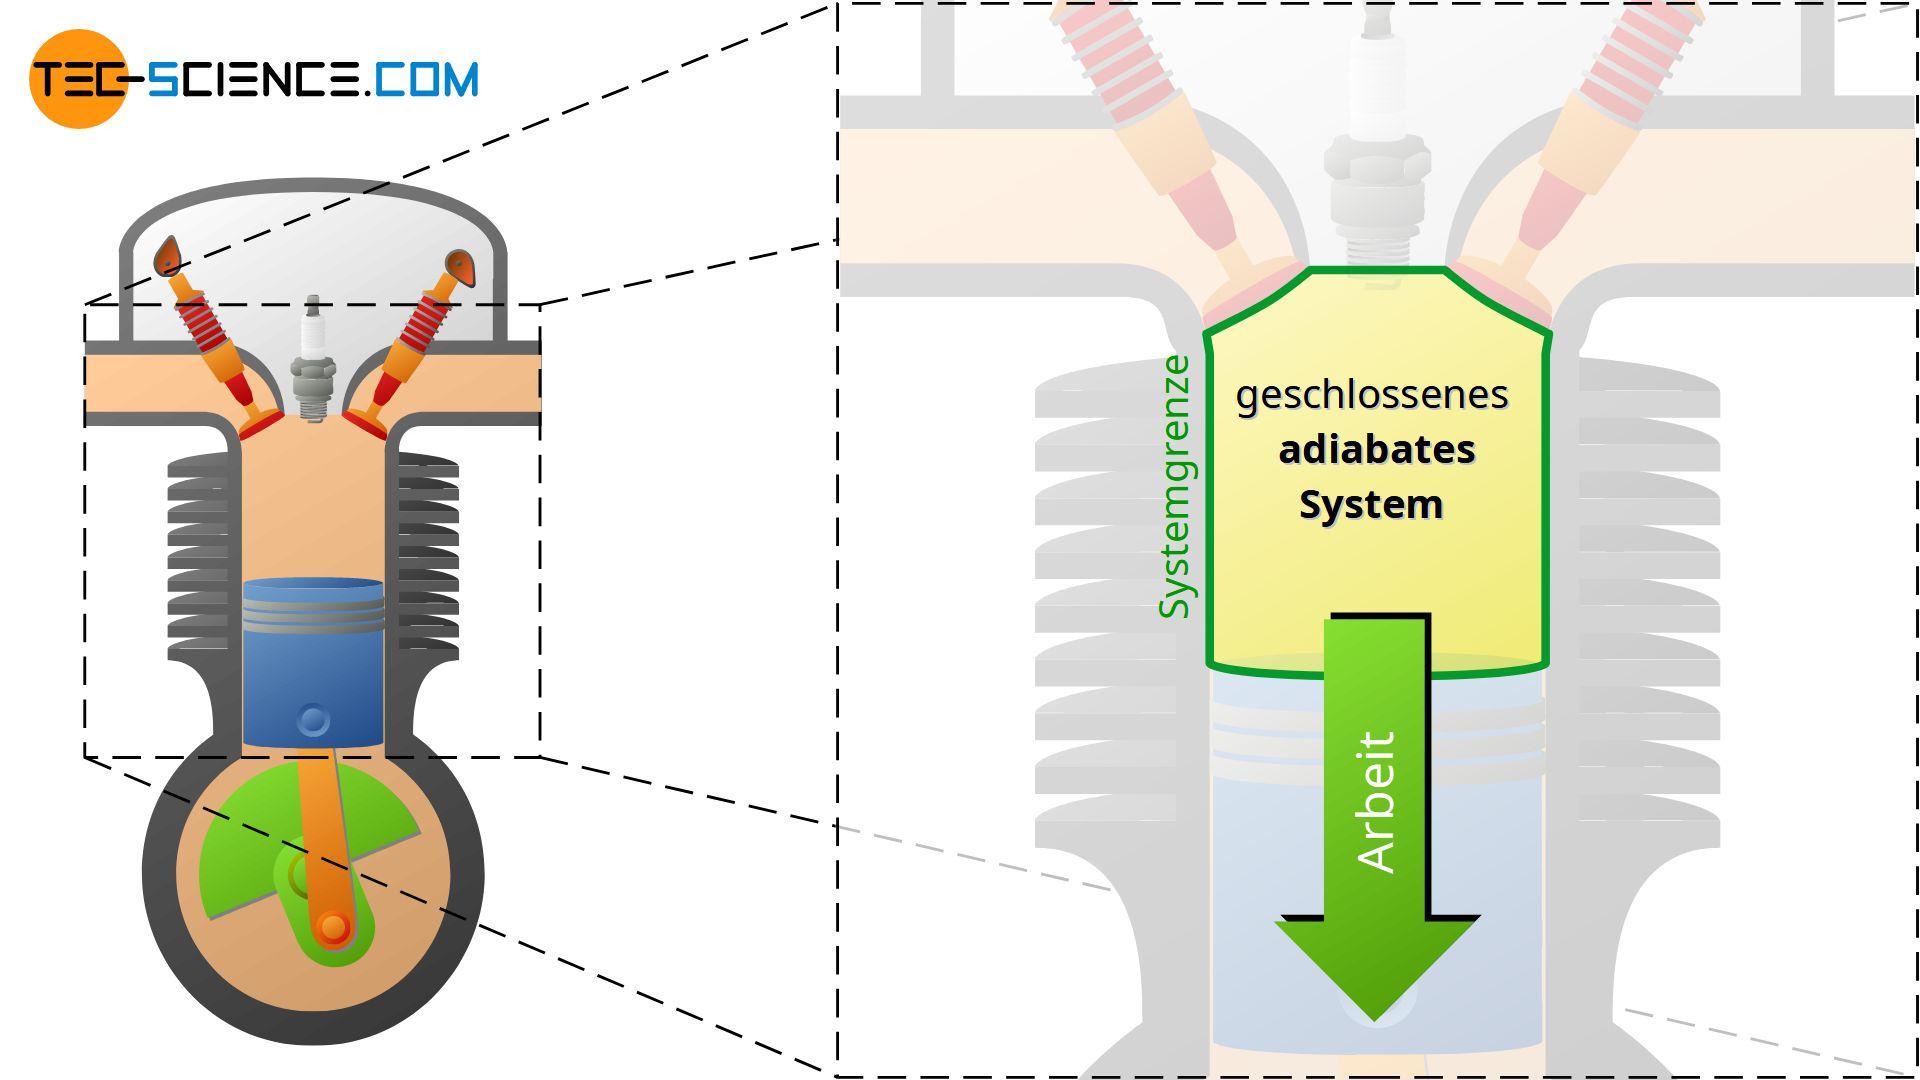 Arbeitstakt eines 4-Takt-Motors als Beispiel für ein geschlossenes adiabates System